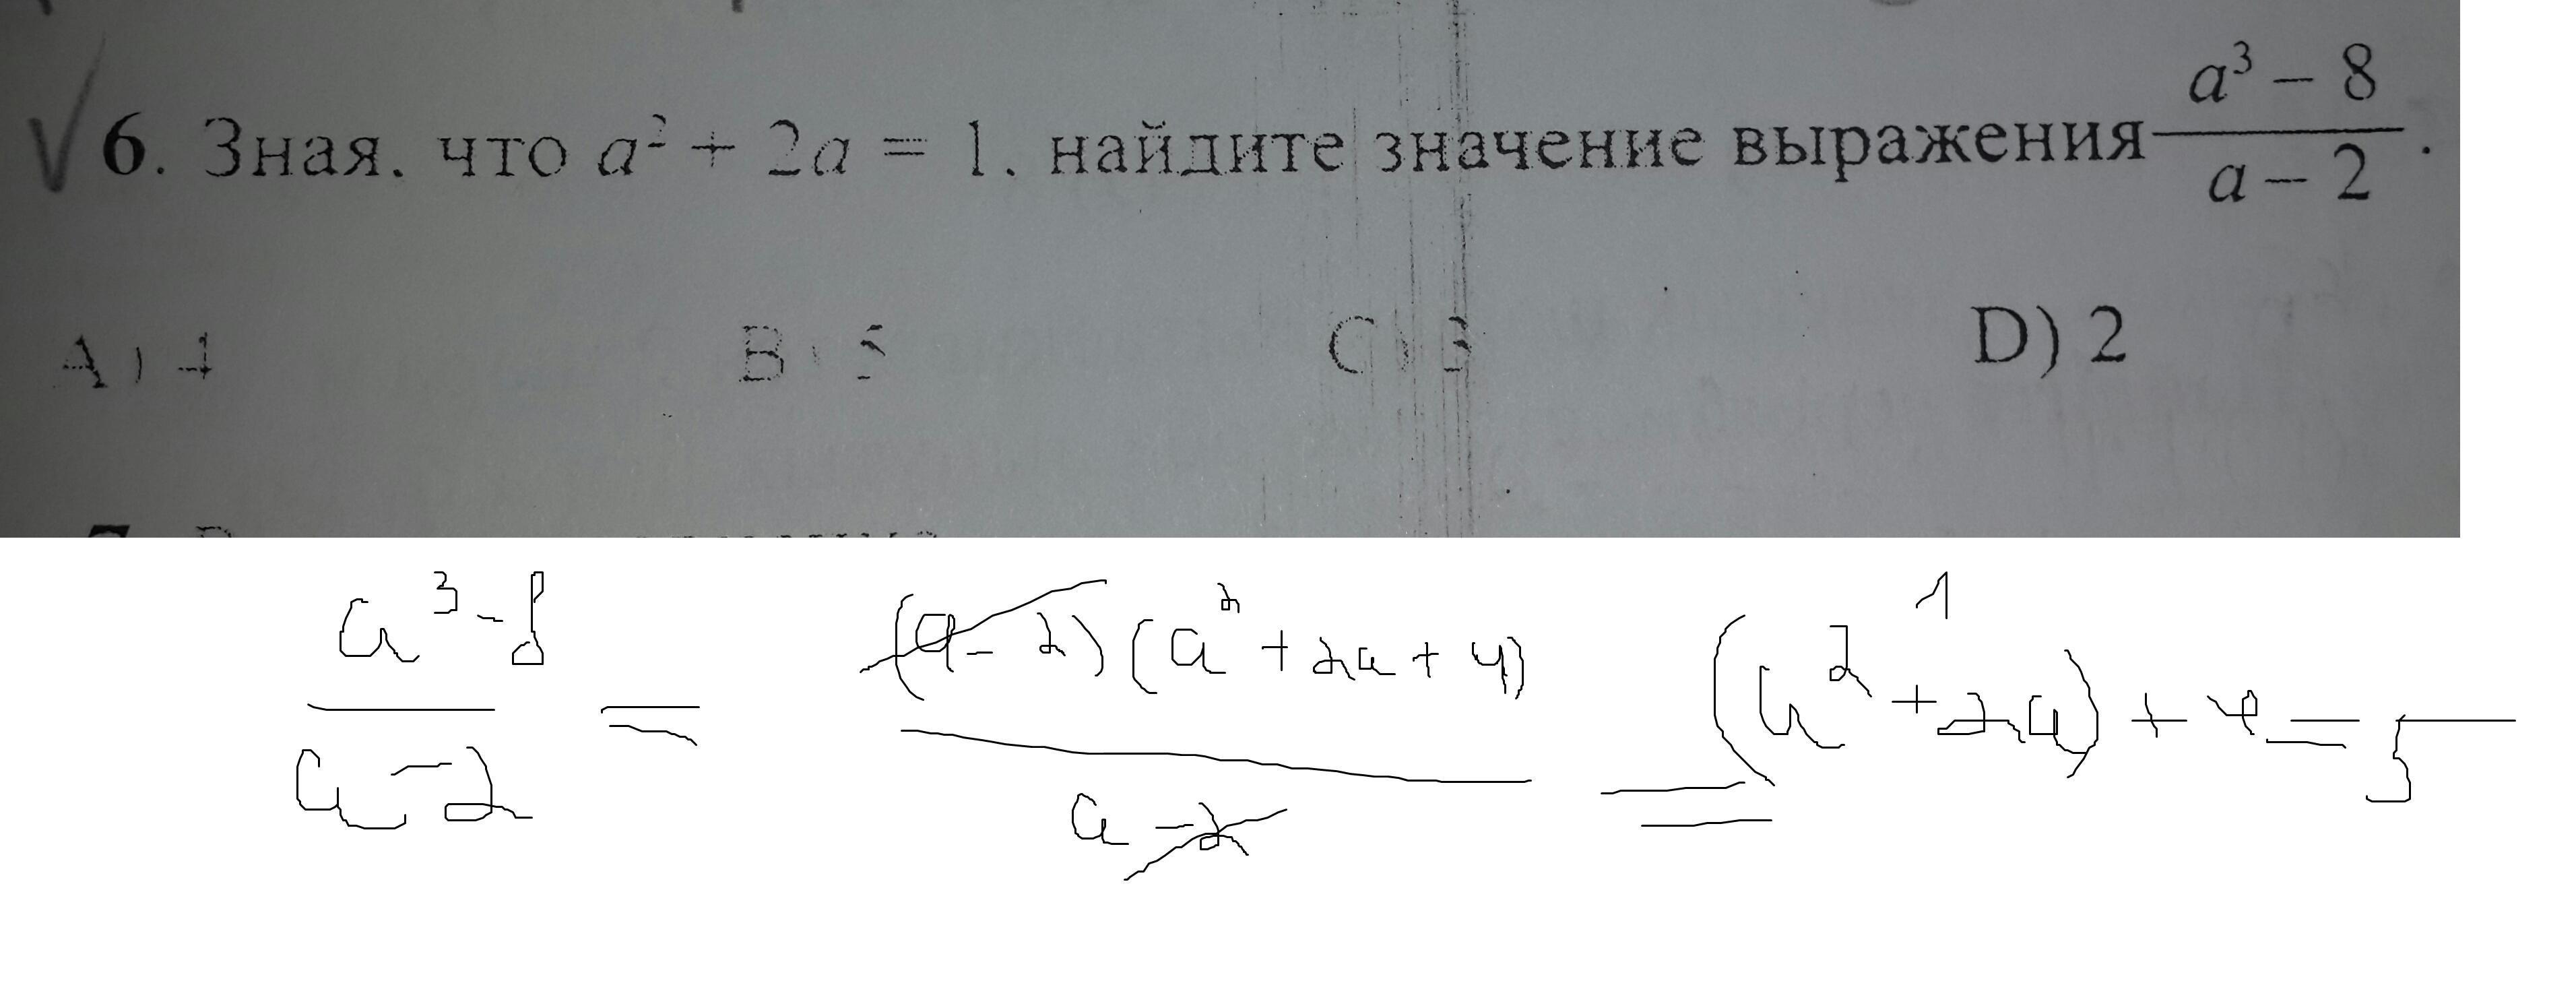 Зная, что а^2+2а=1, найдите значение выражения